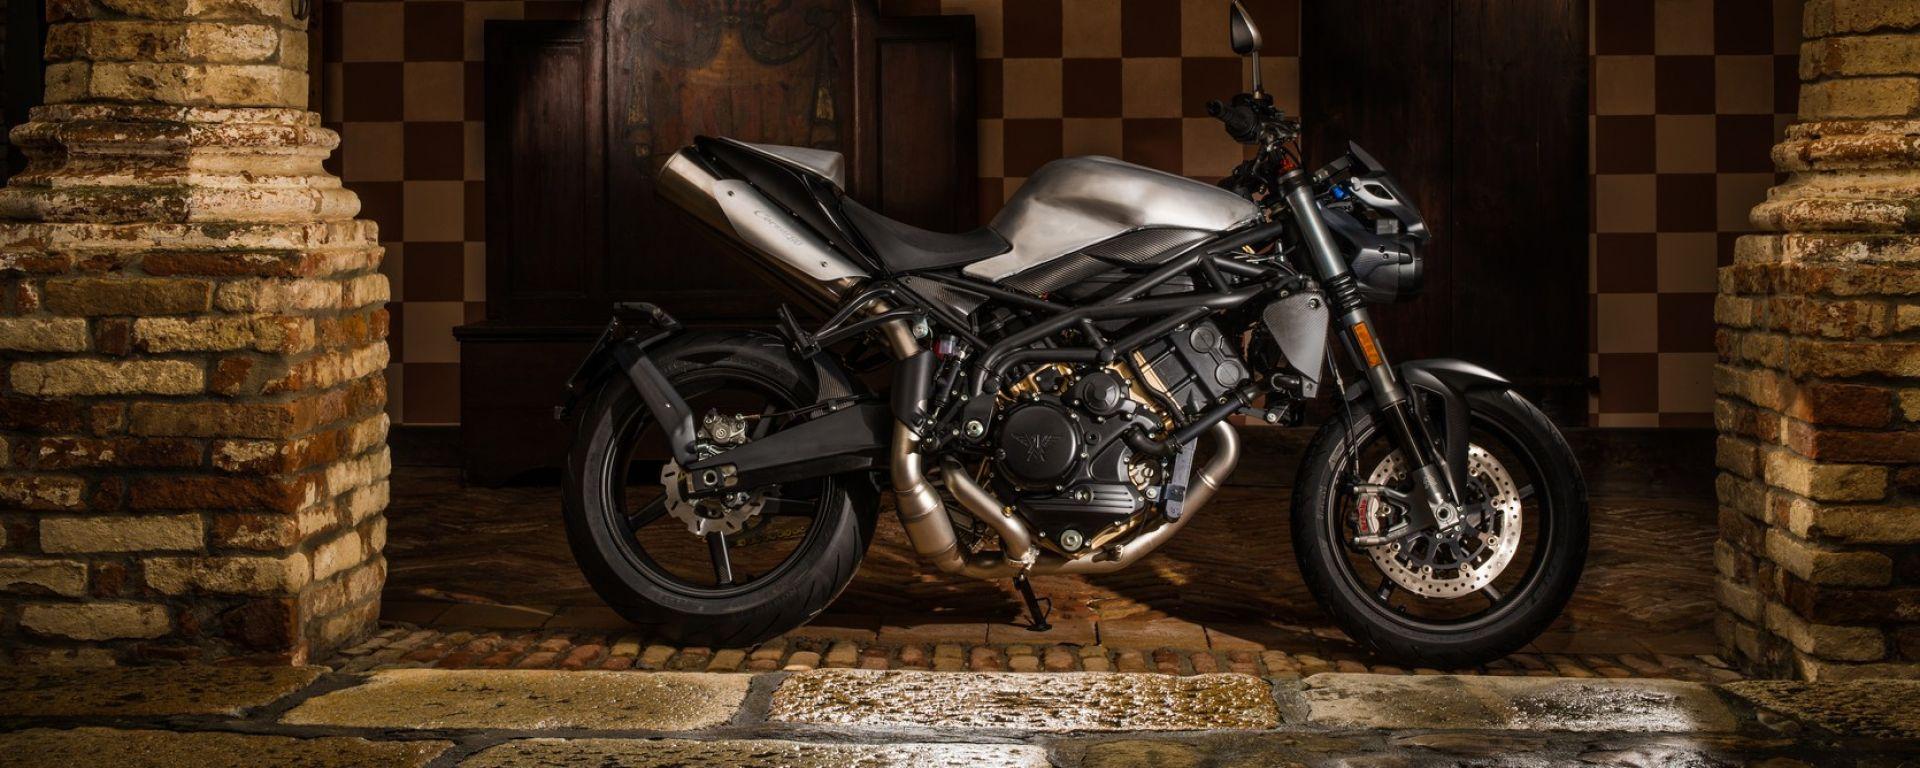 Moto Morini Corsaro80, prodotta solo in 8 esemplari